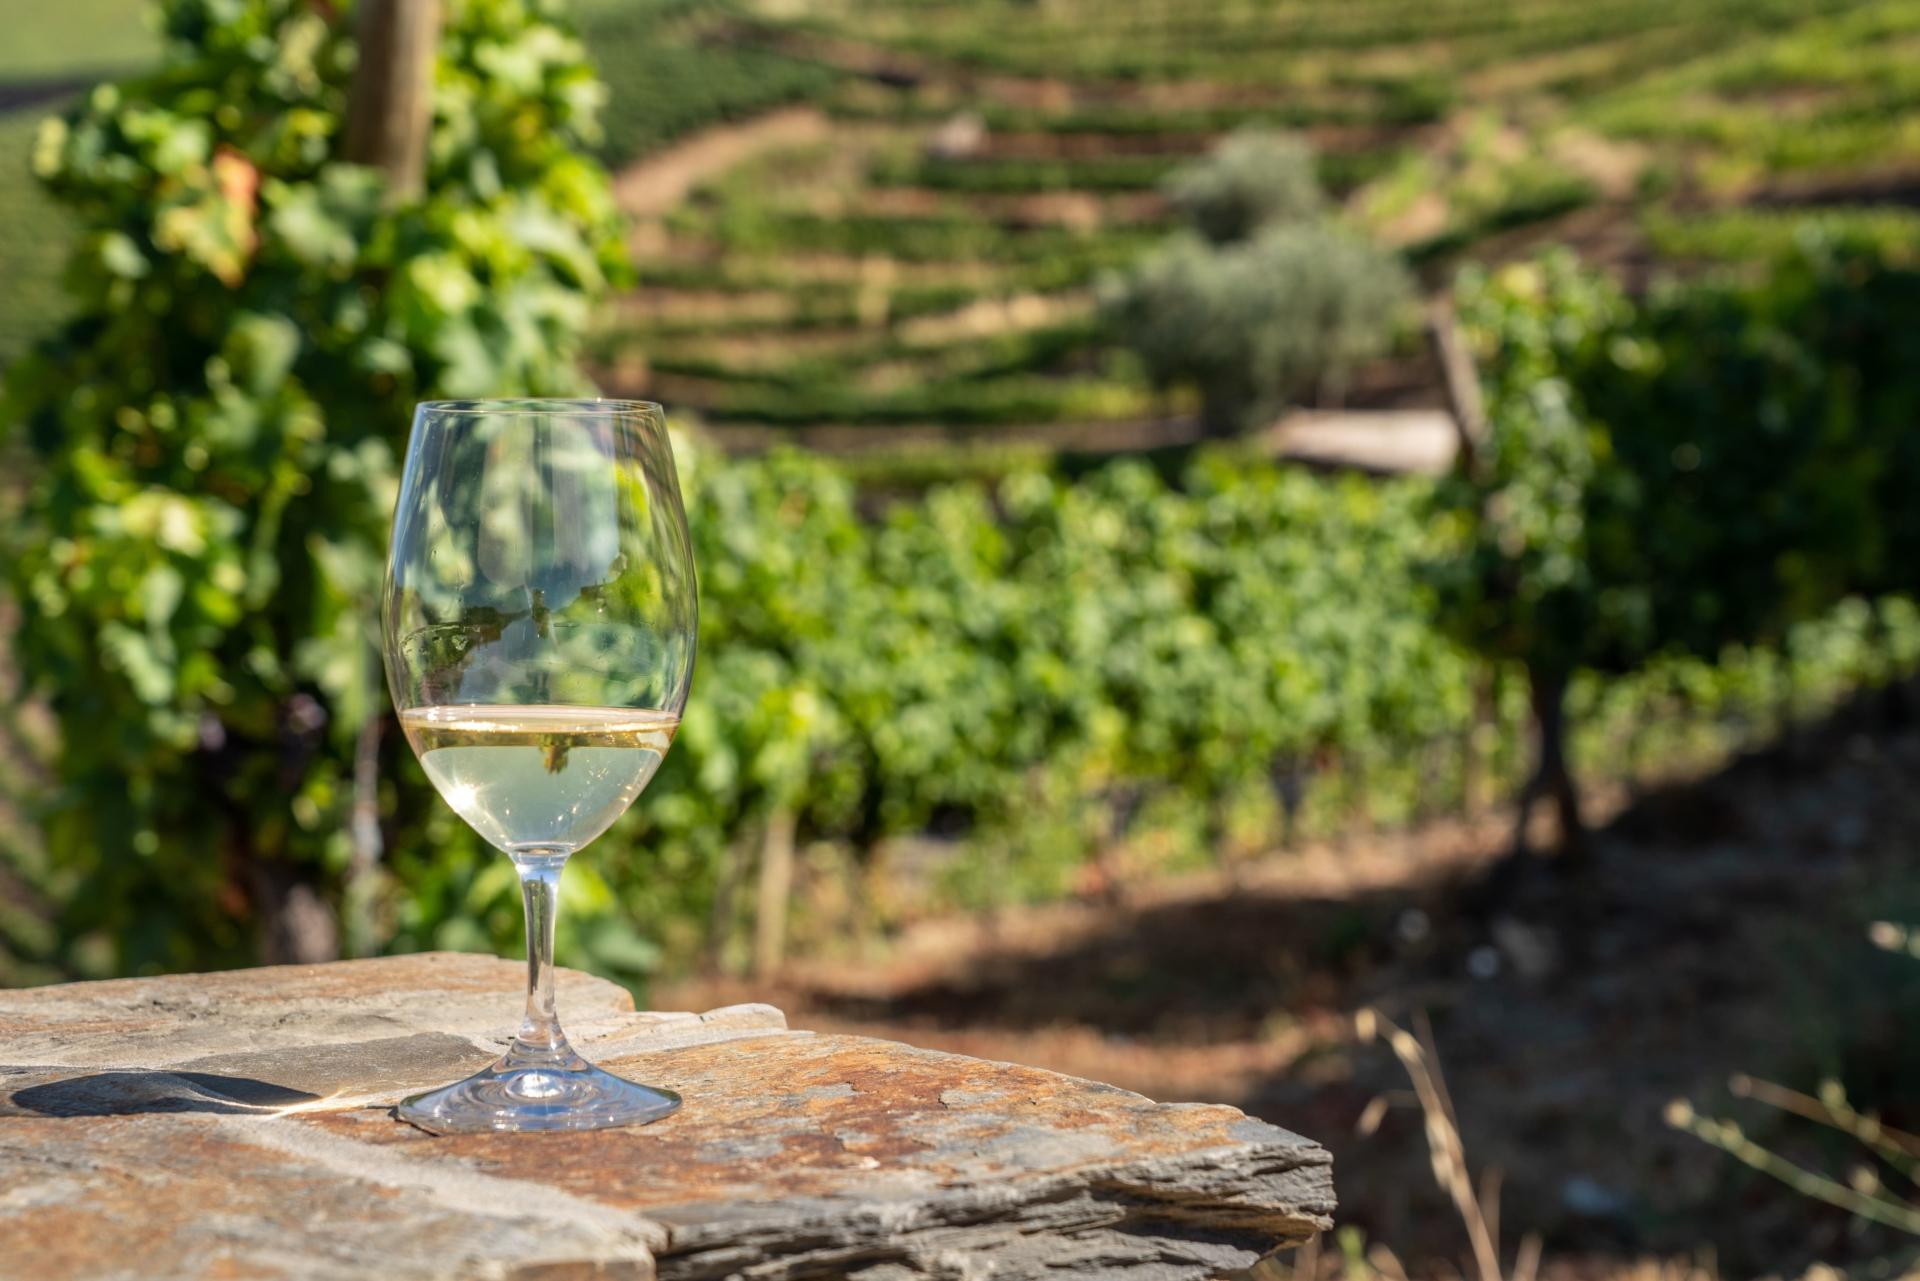 Un verre de vin blanc du Douro sur fond de vignobles